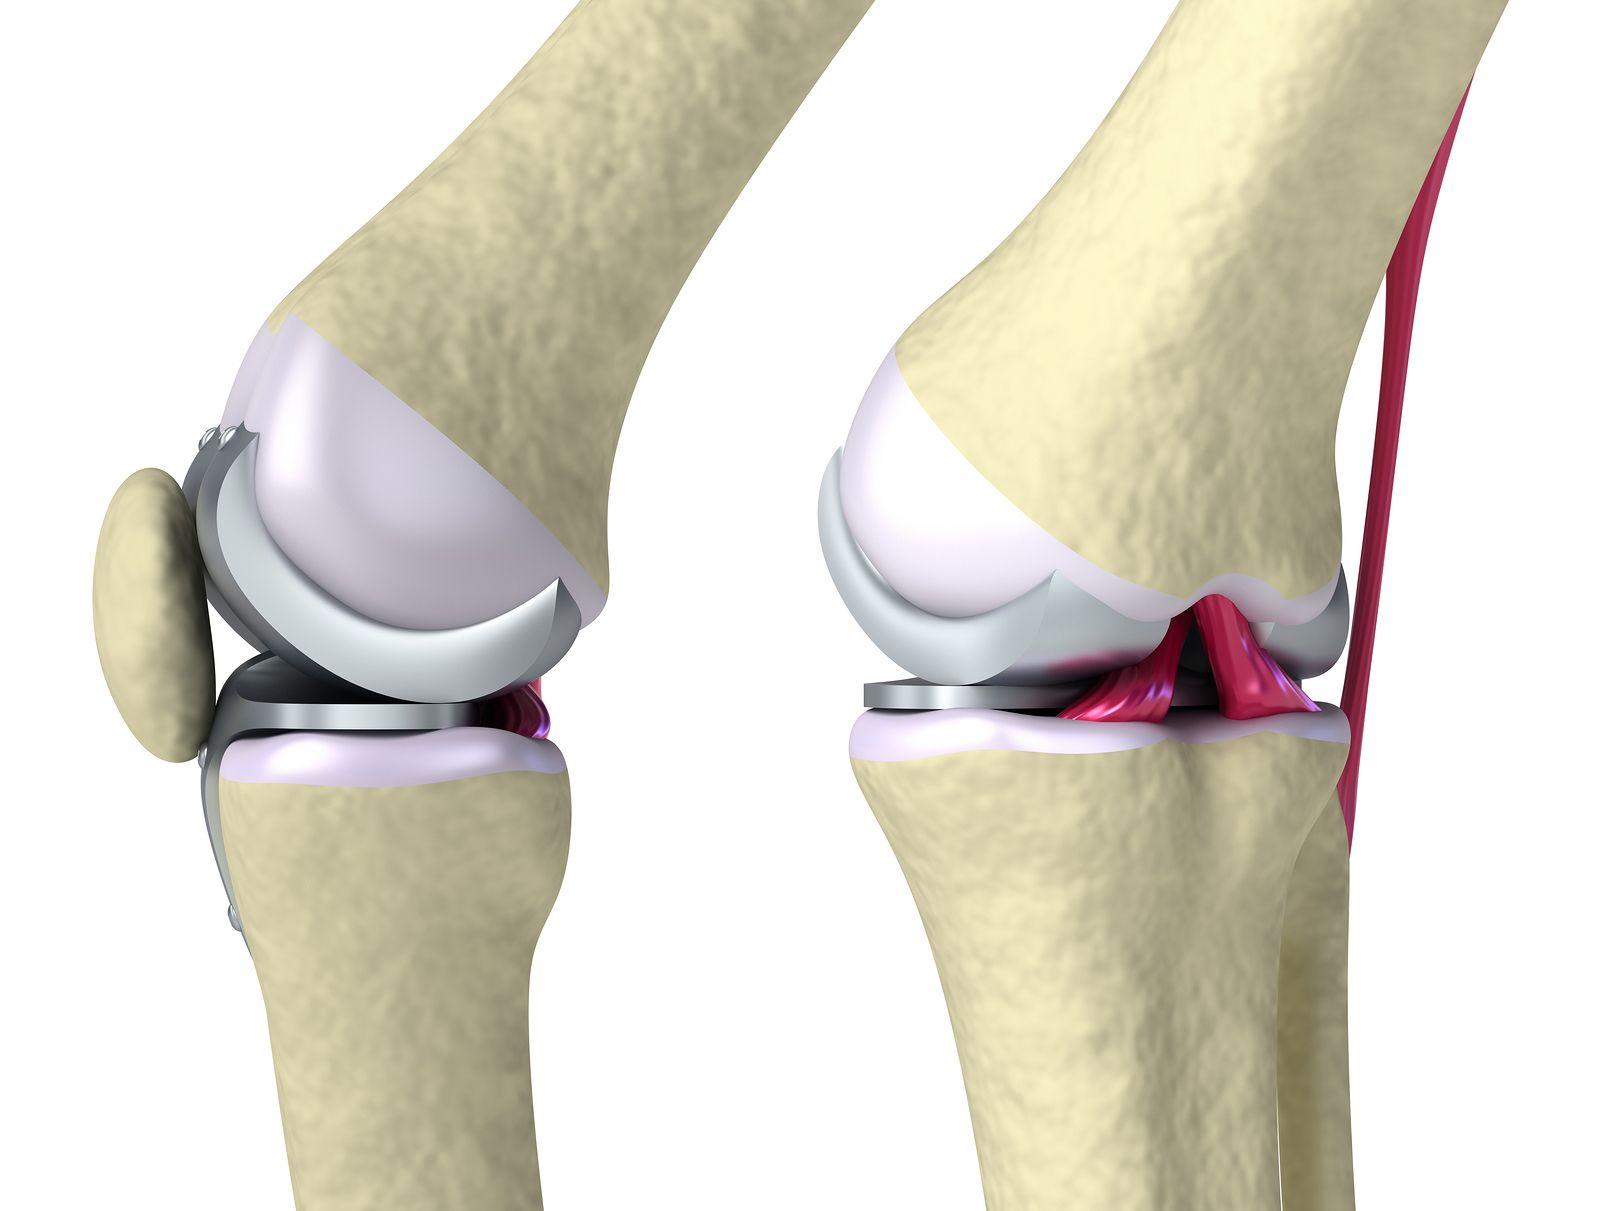 Fisioterapia Después De Cirugía De Prótesis De Rodilla